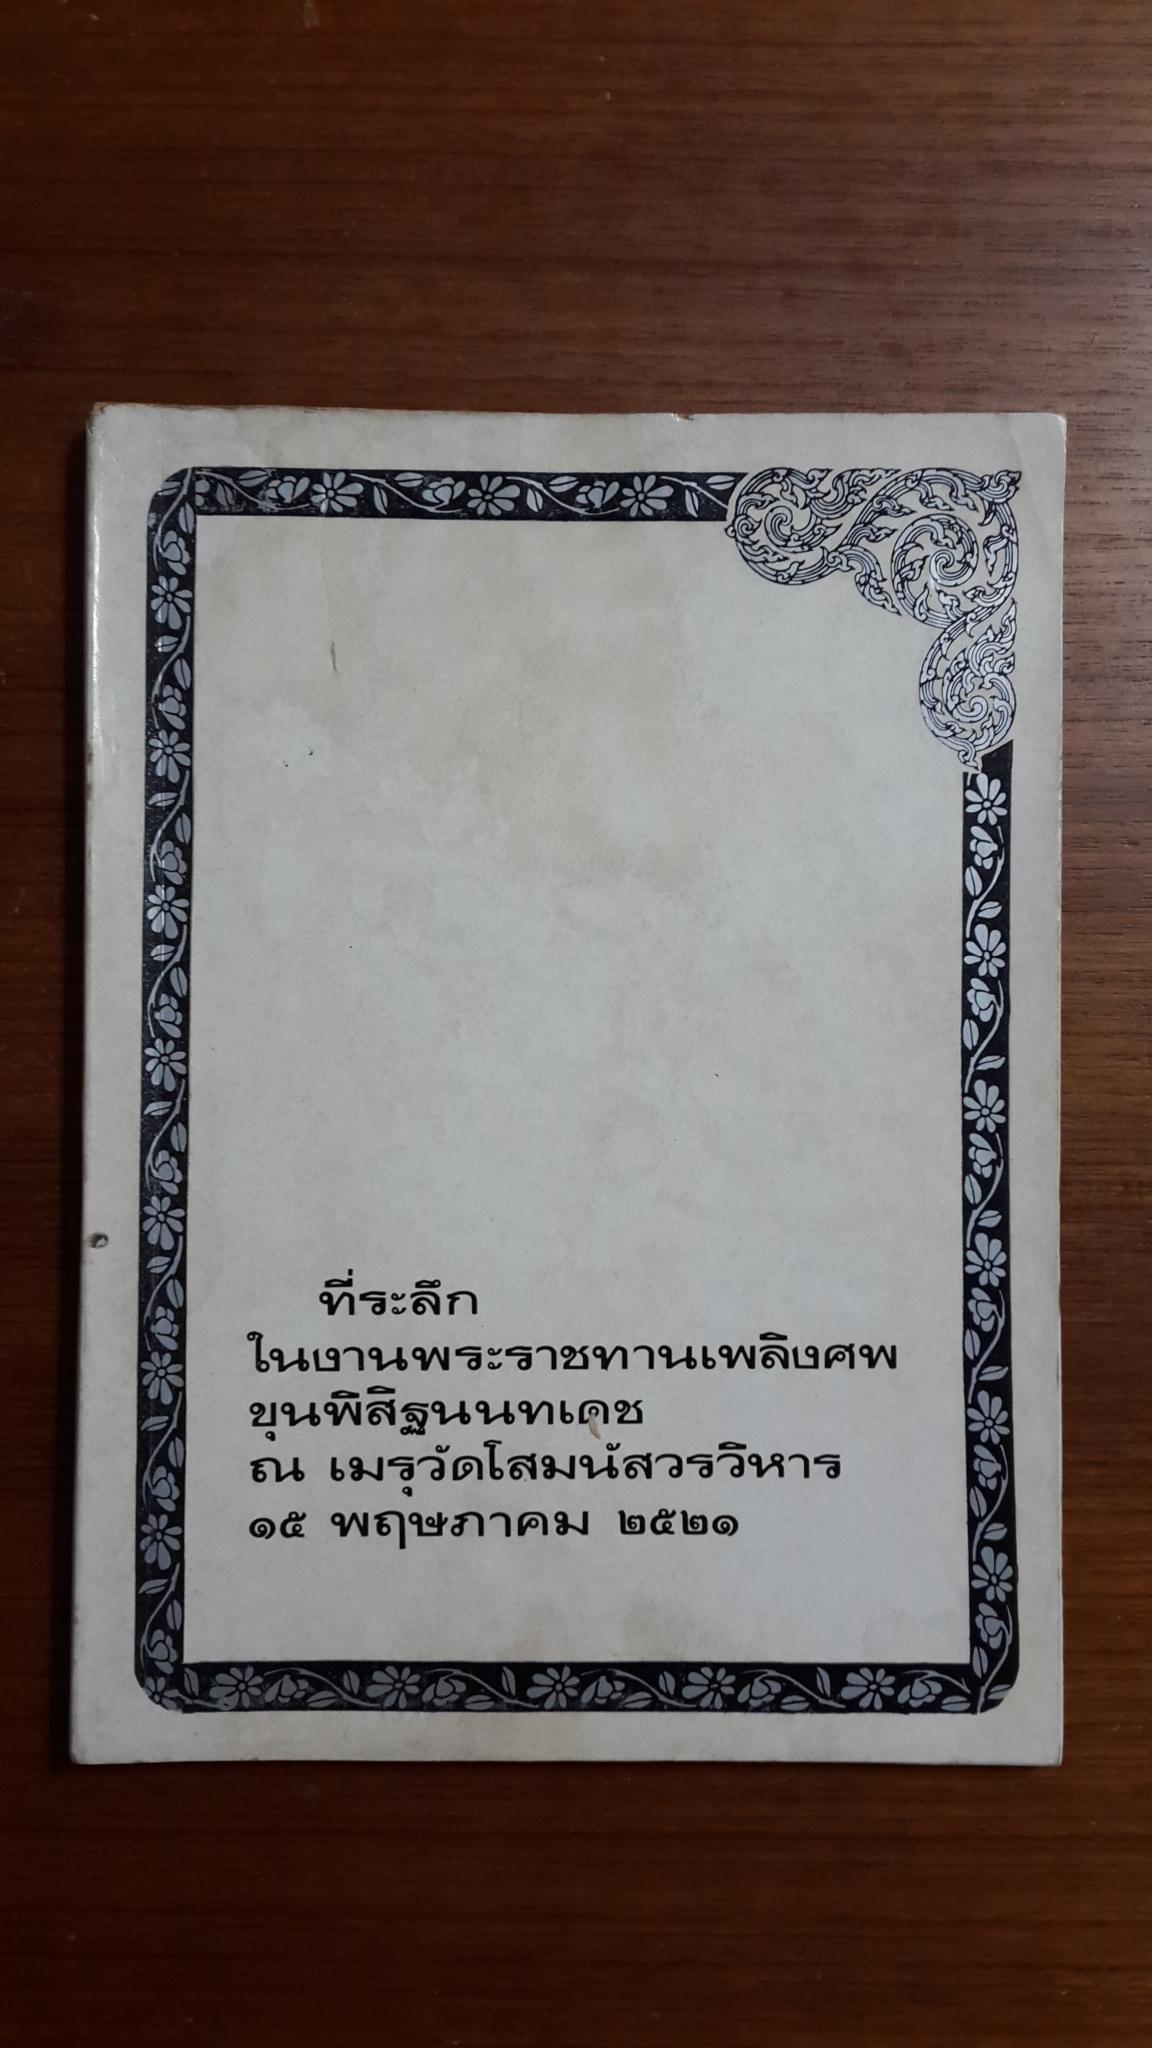 อนุสรณ์ในงานพระราชทานเพลิงศพ ขุนพิสิฐนนทเดช